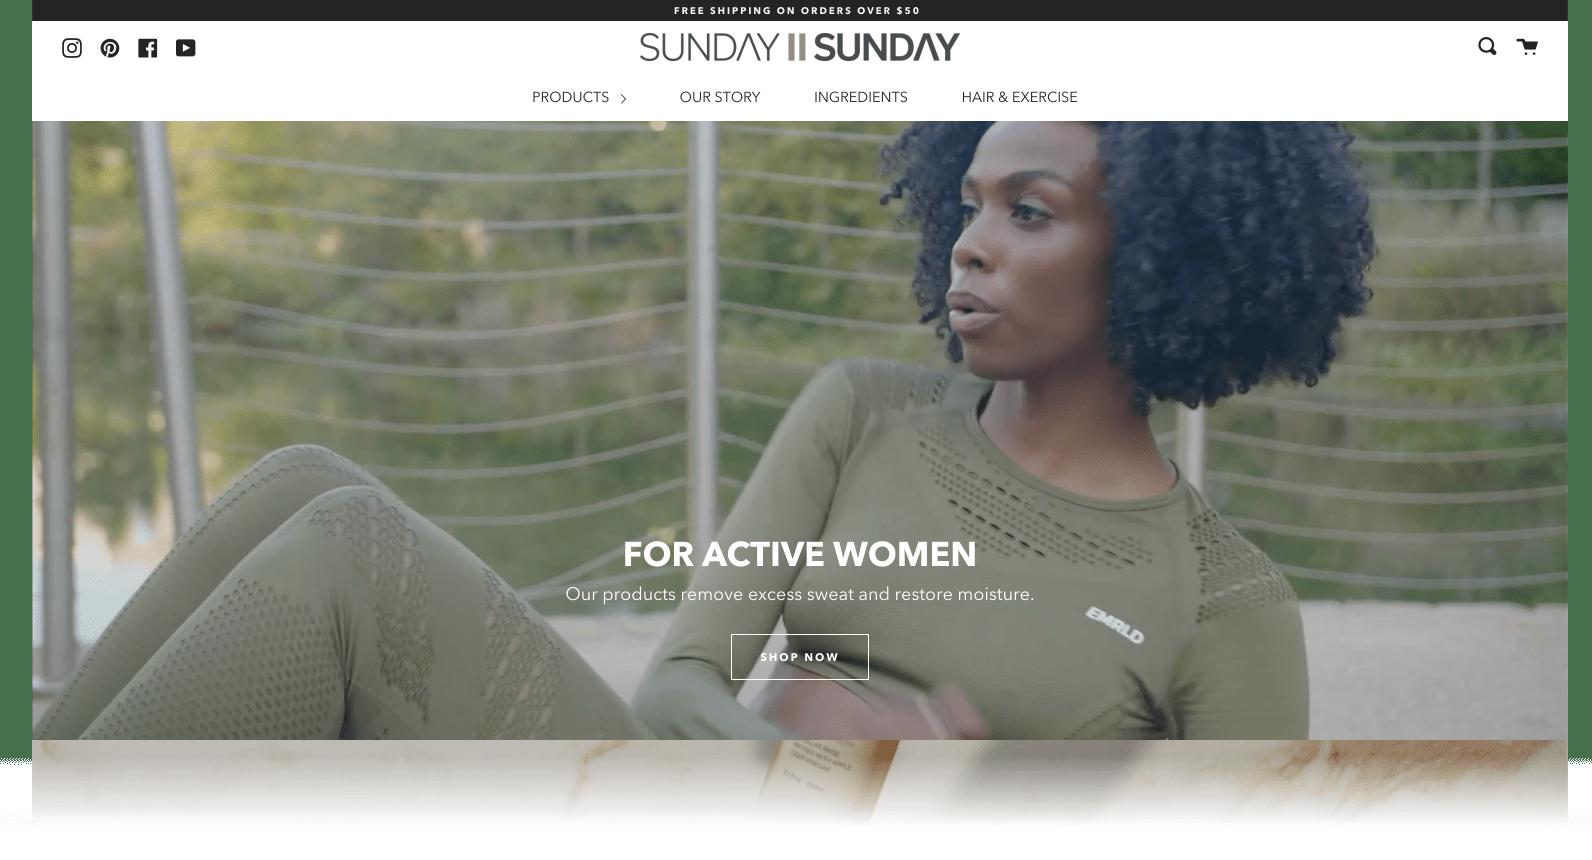 Sunday II Sunday